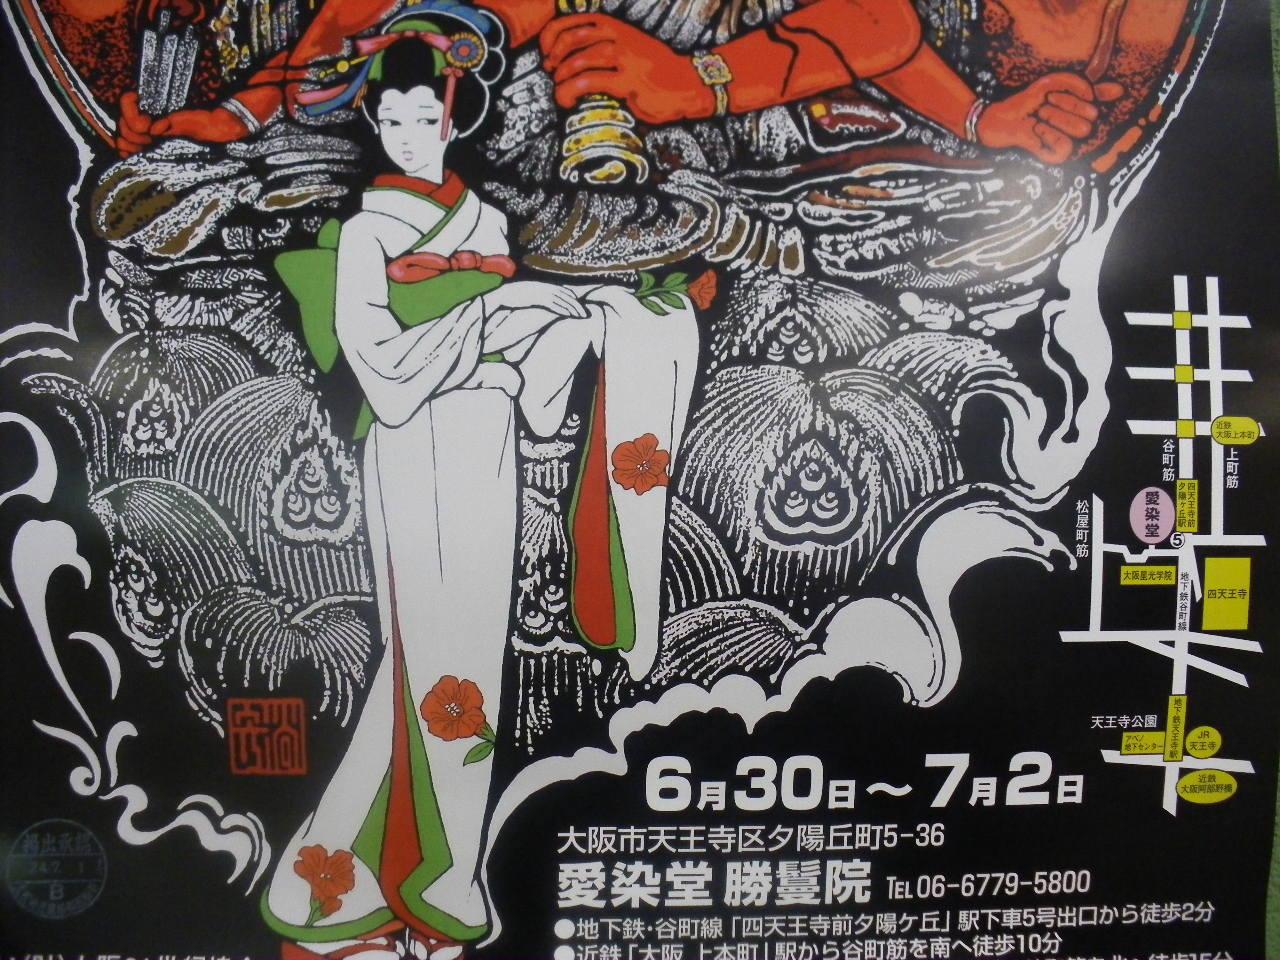 「愛染祭」のポスターを見て